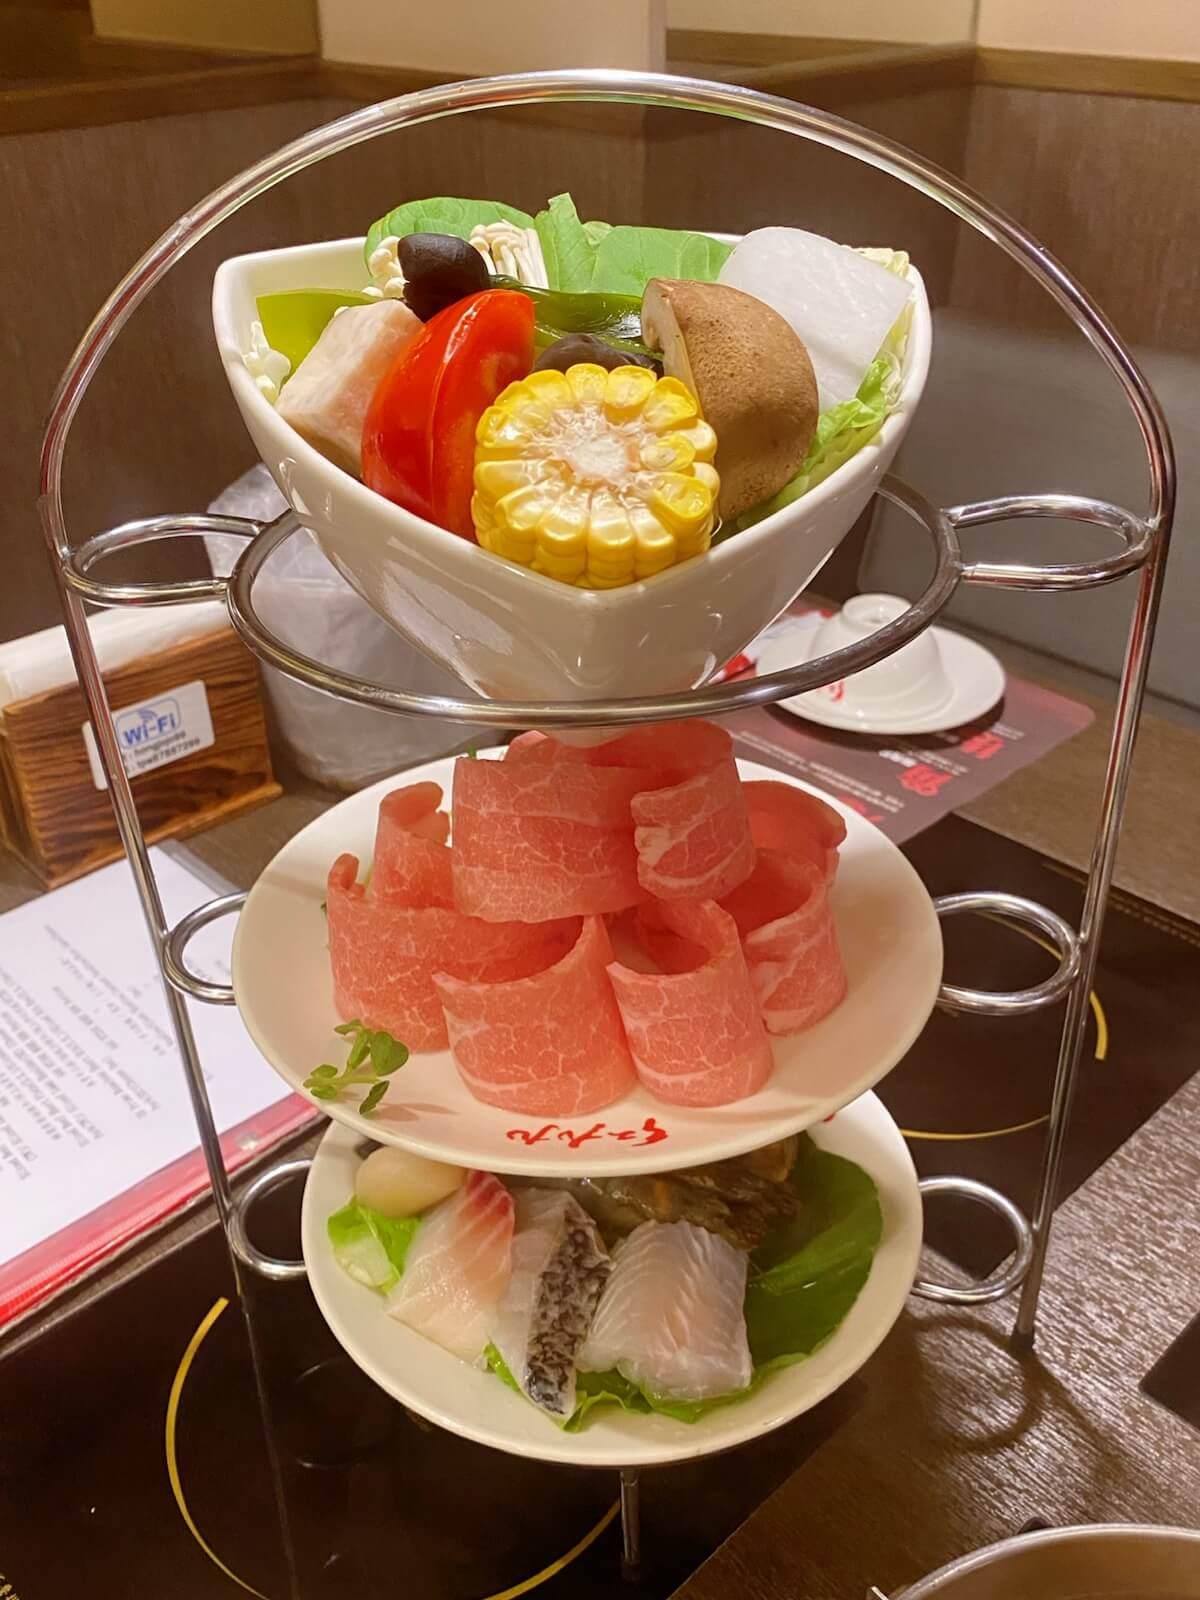 The vegetable, matsusaka pork and seafood set